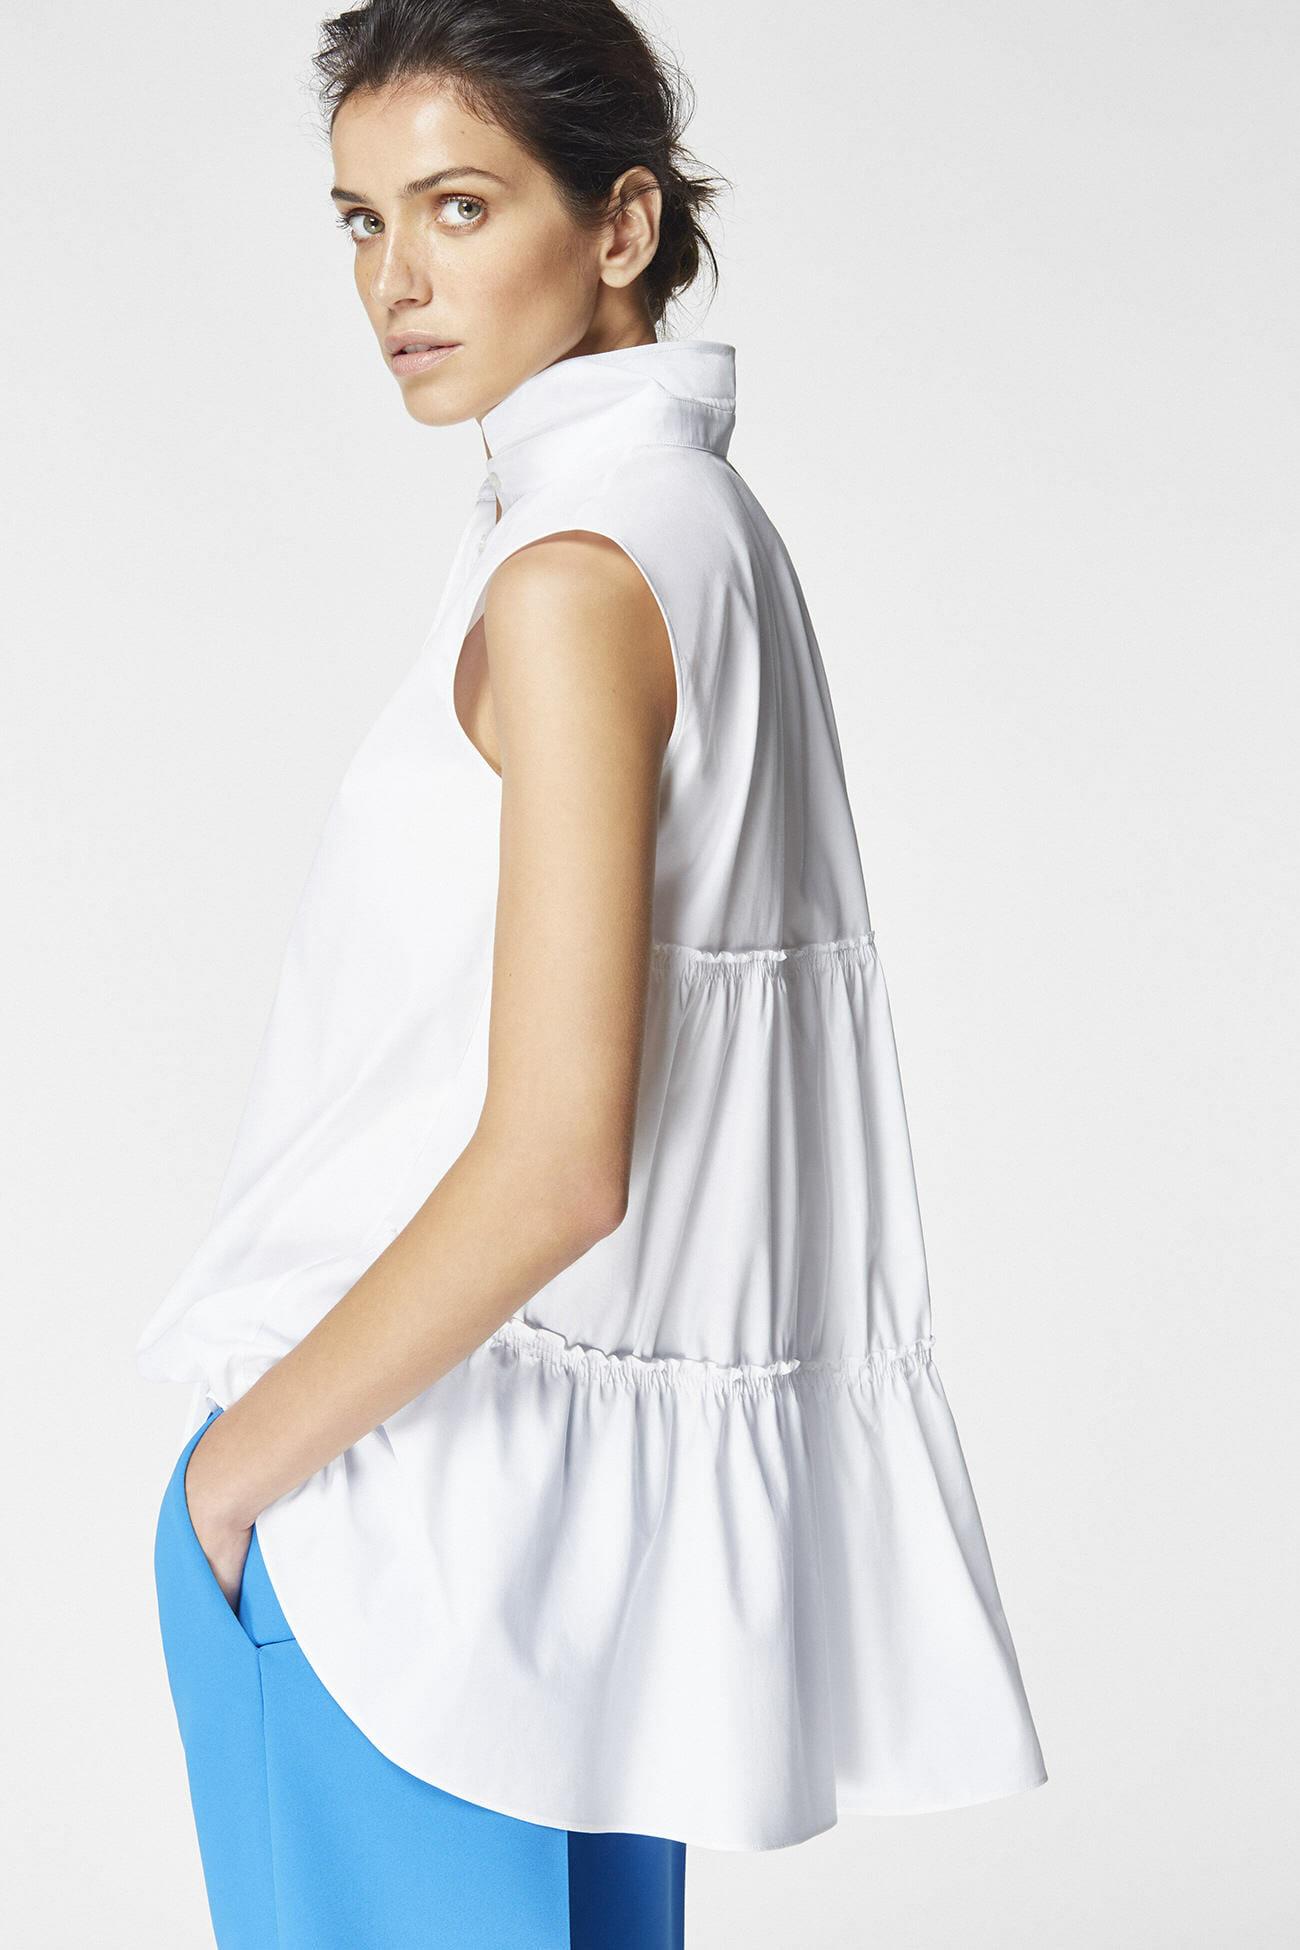 Look 4 carolina herrera for Carolina herrera white shirt collection